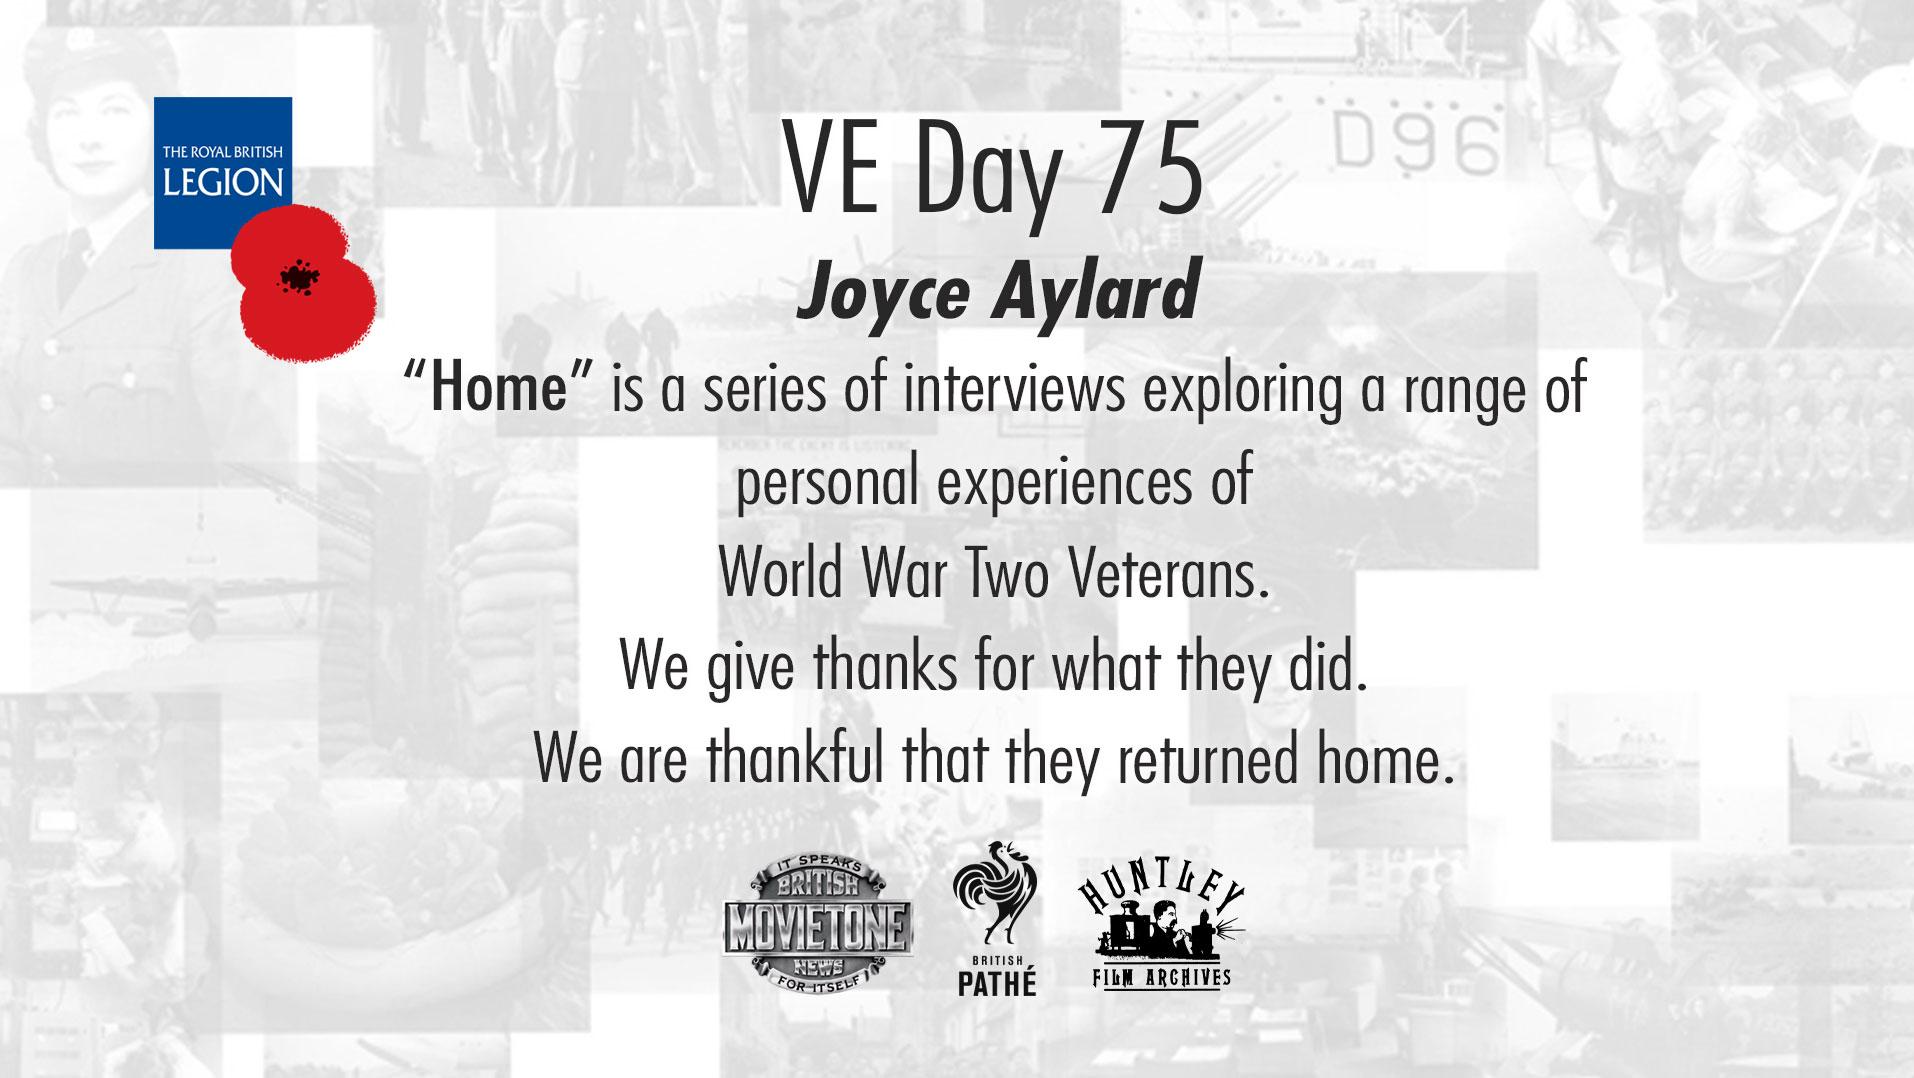 Joyce Aylard